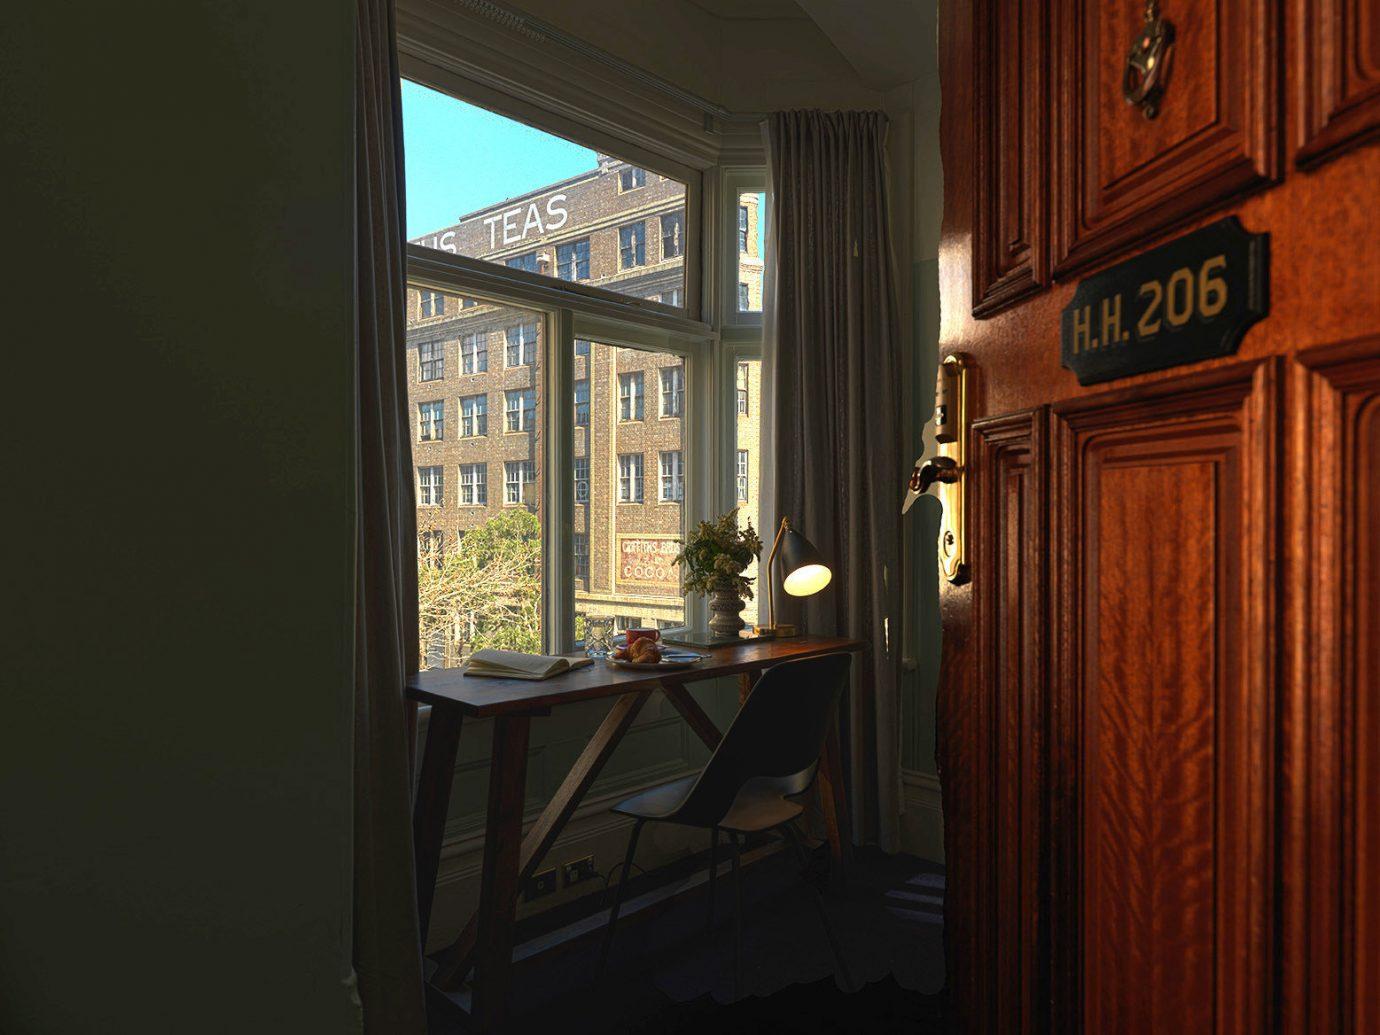 Hotels indoor window house room home wall Architecture wood interior design door lighting hall window covering